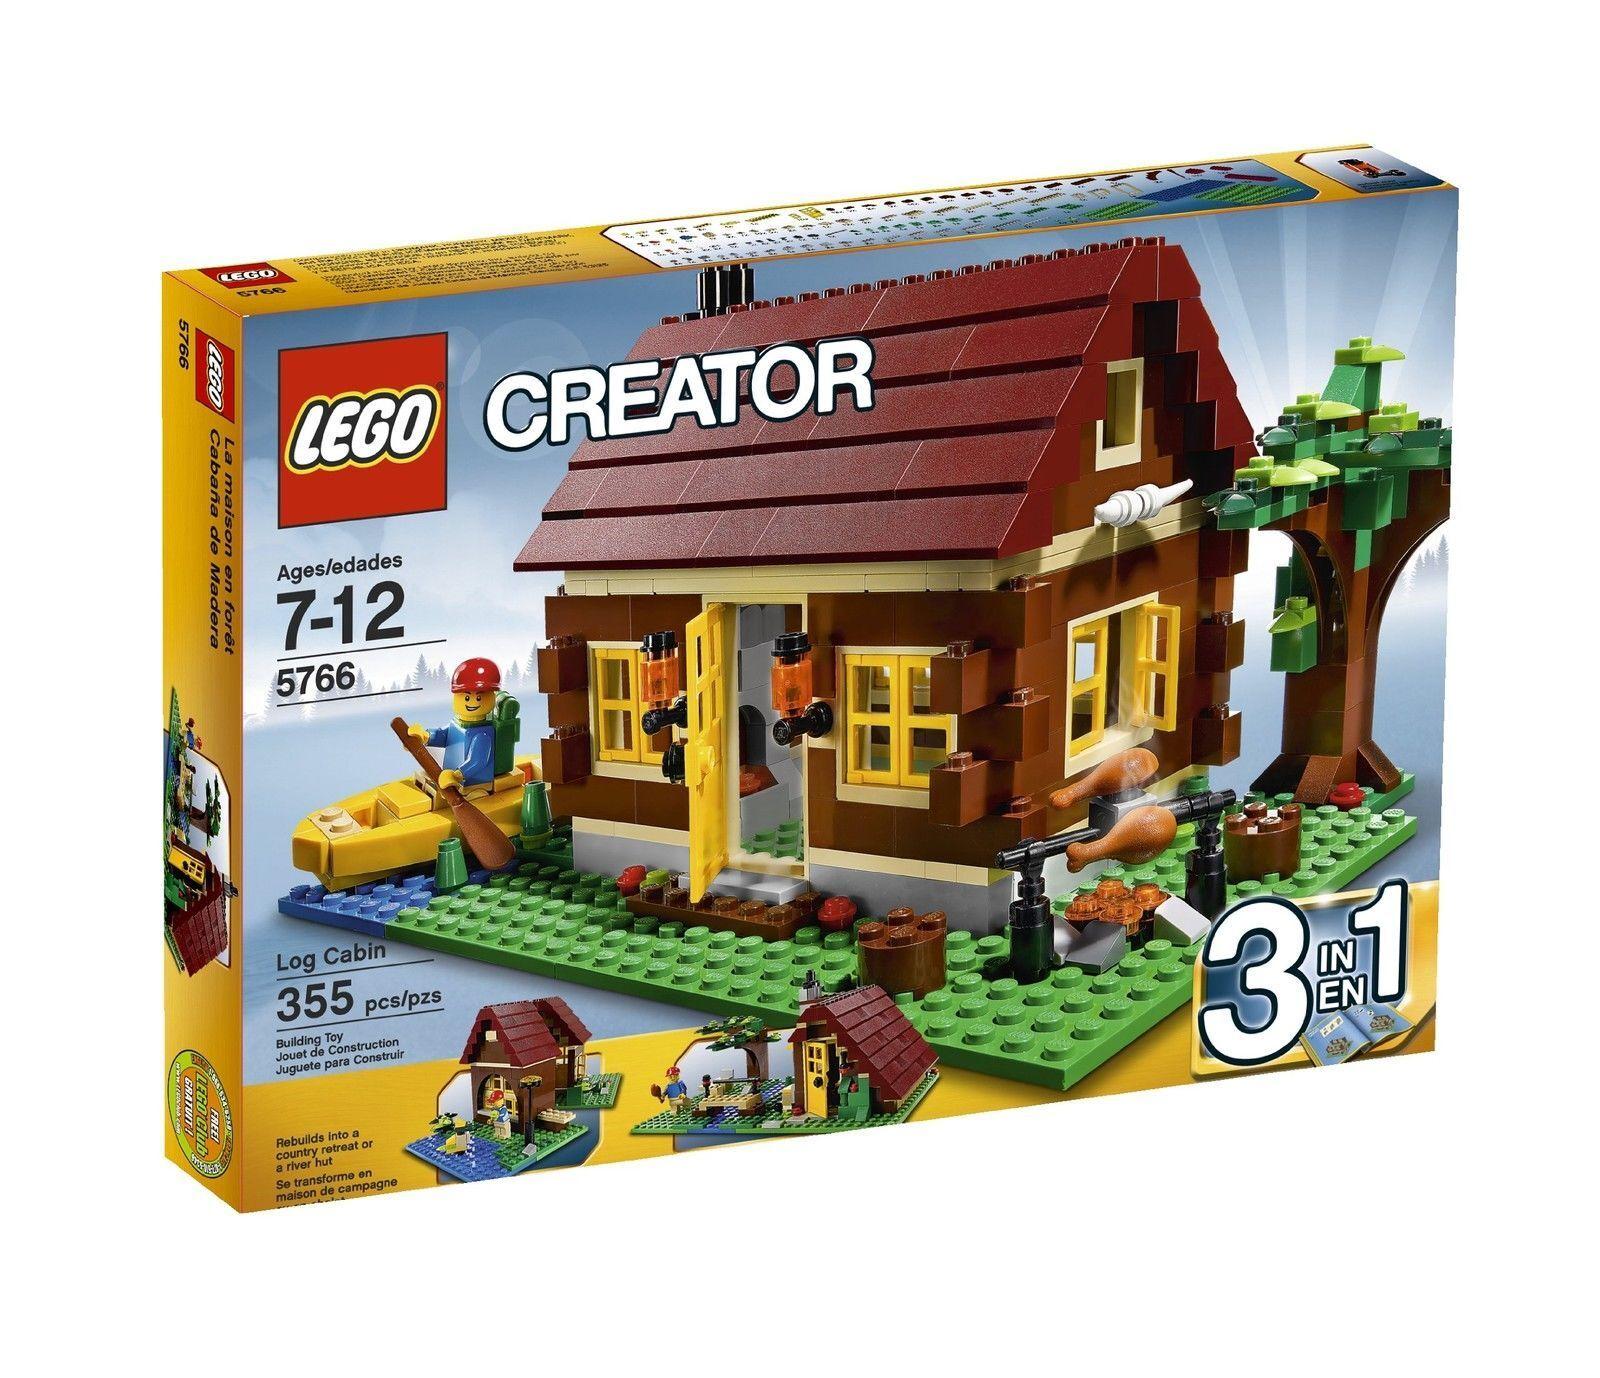 LEGO 5766 Creator Log Cabin  3-in-1 Set - Bre nuovo Sealed, Rare  più sconto